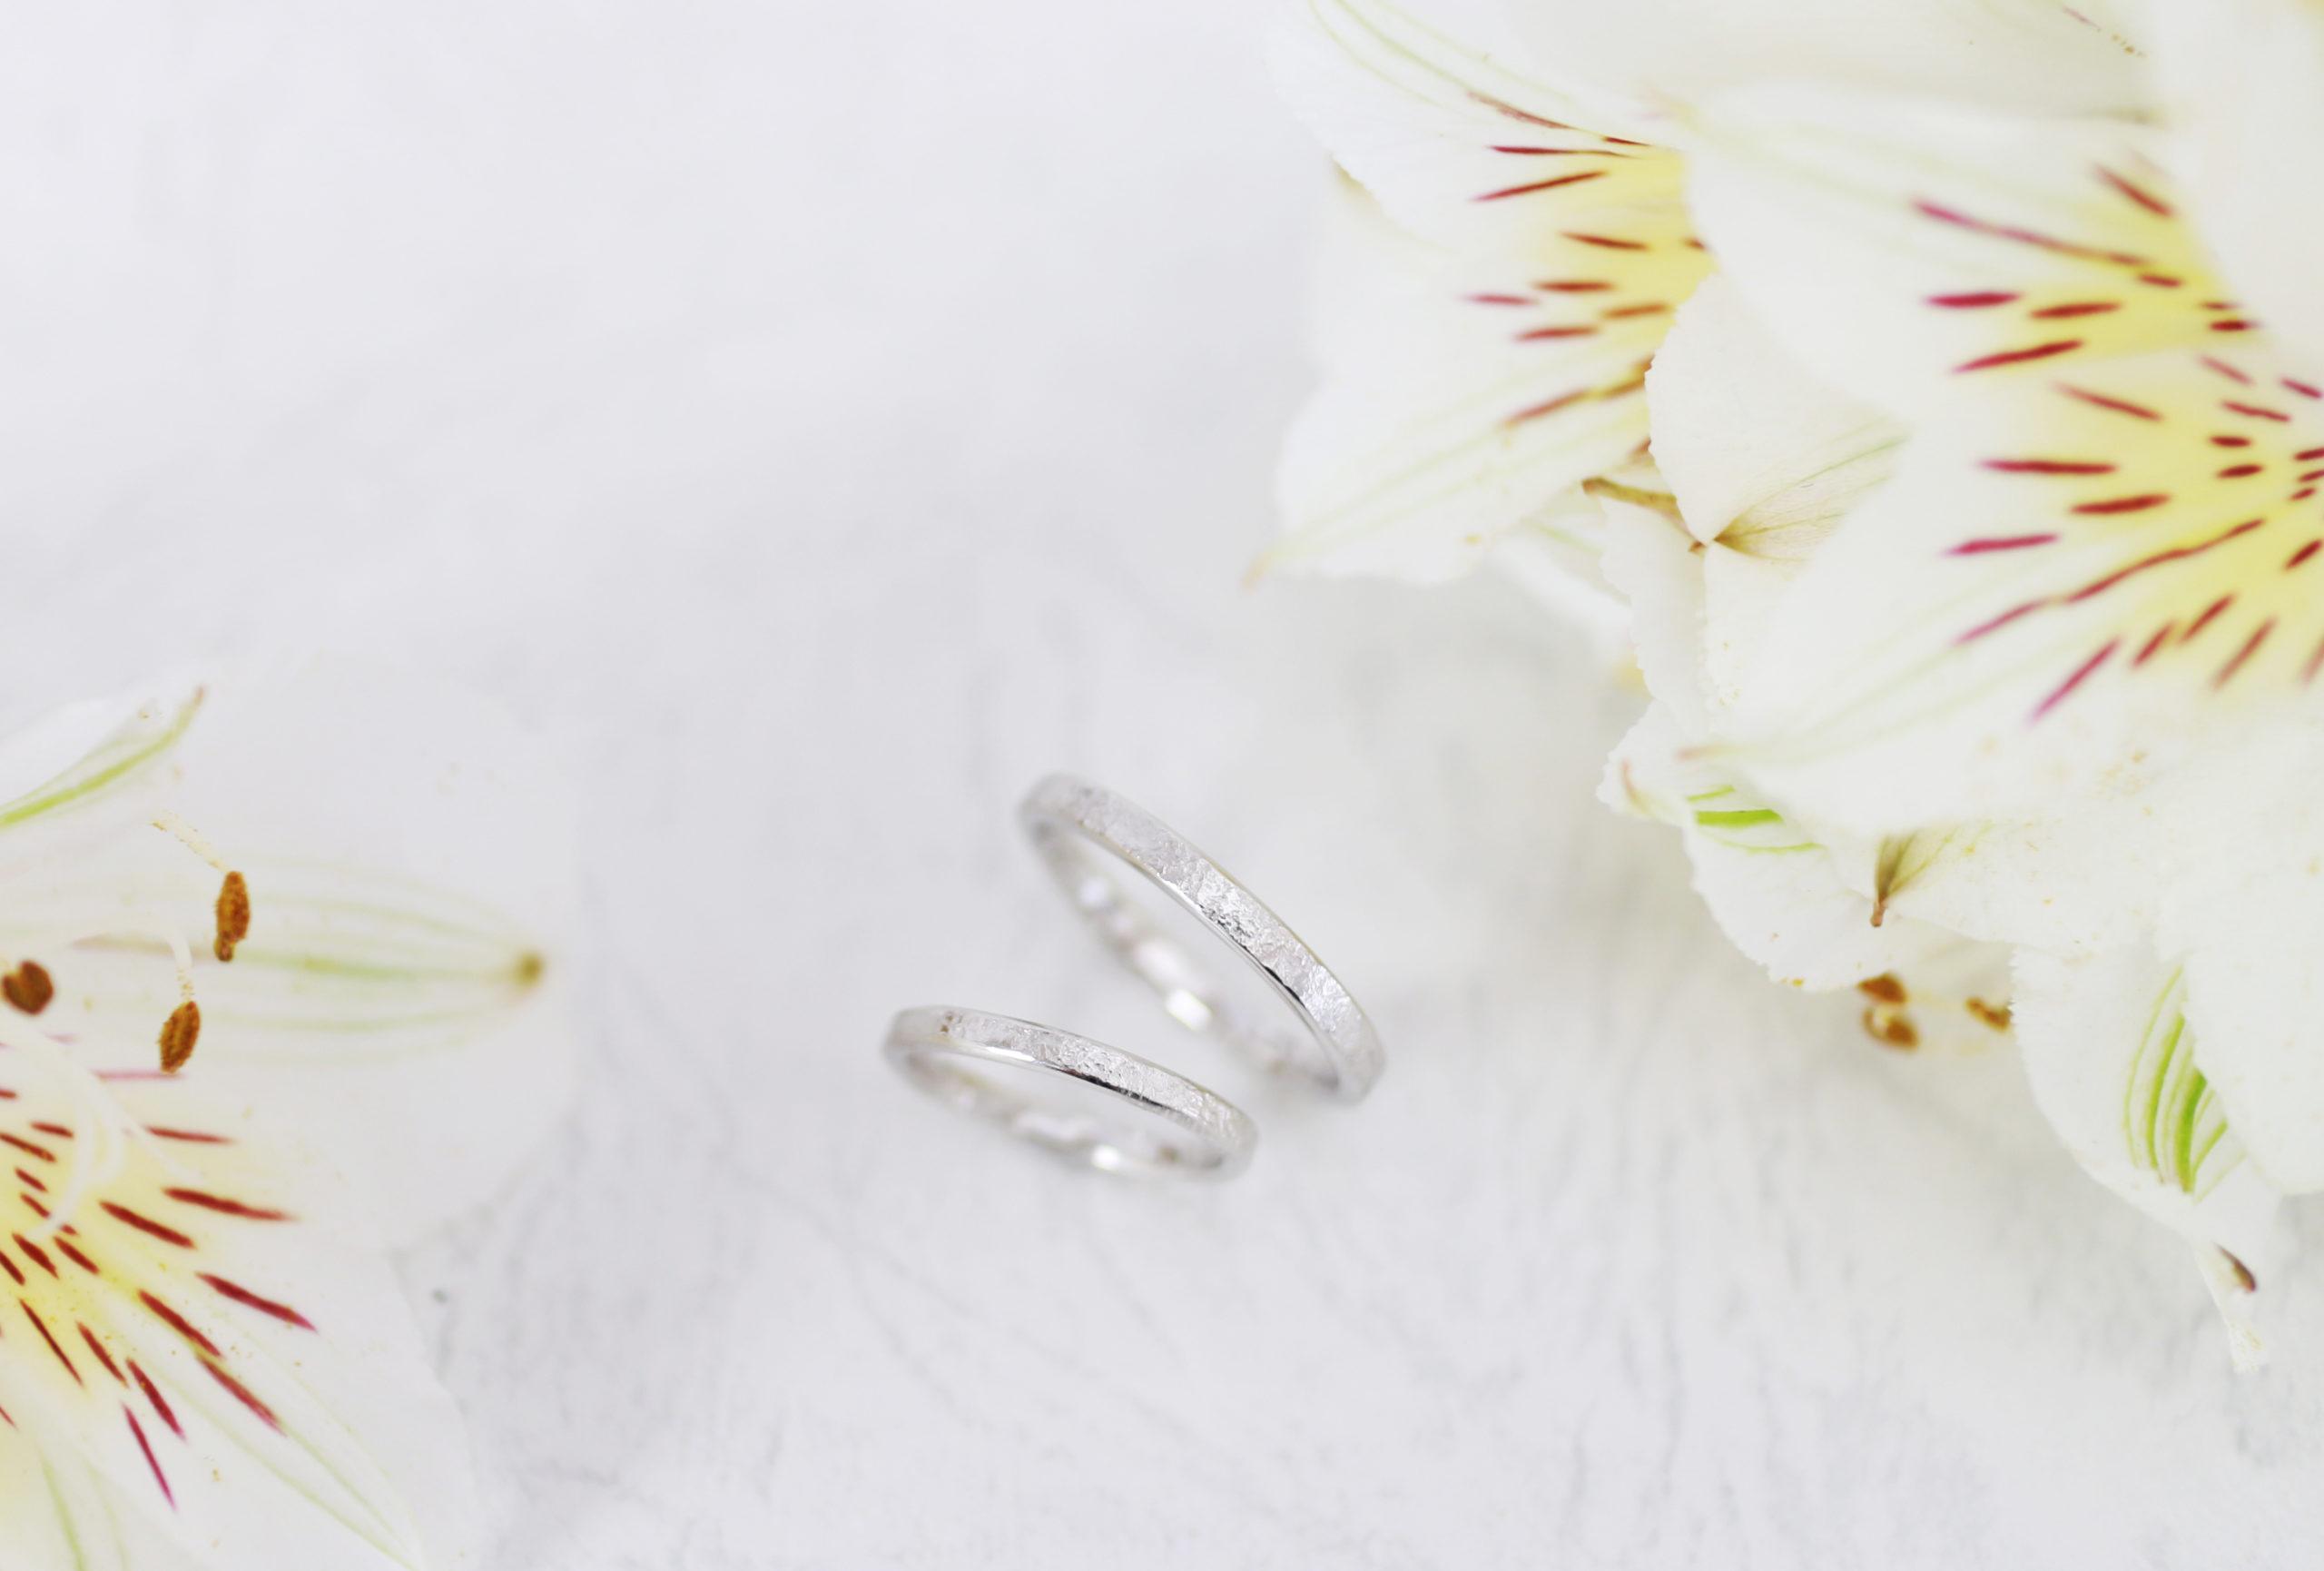 荒らし鎚模様の手作り結婚指輪